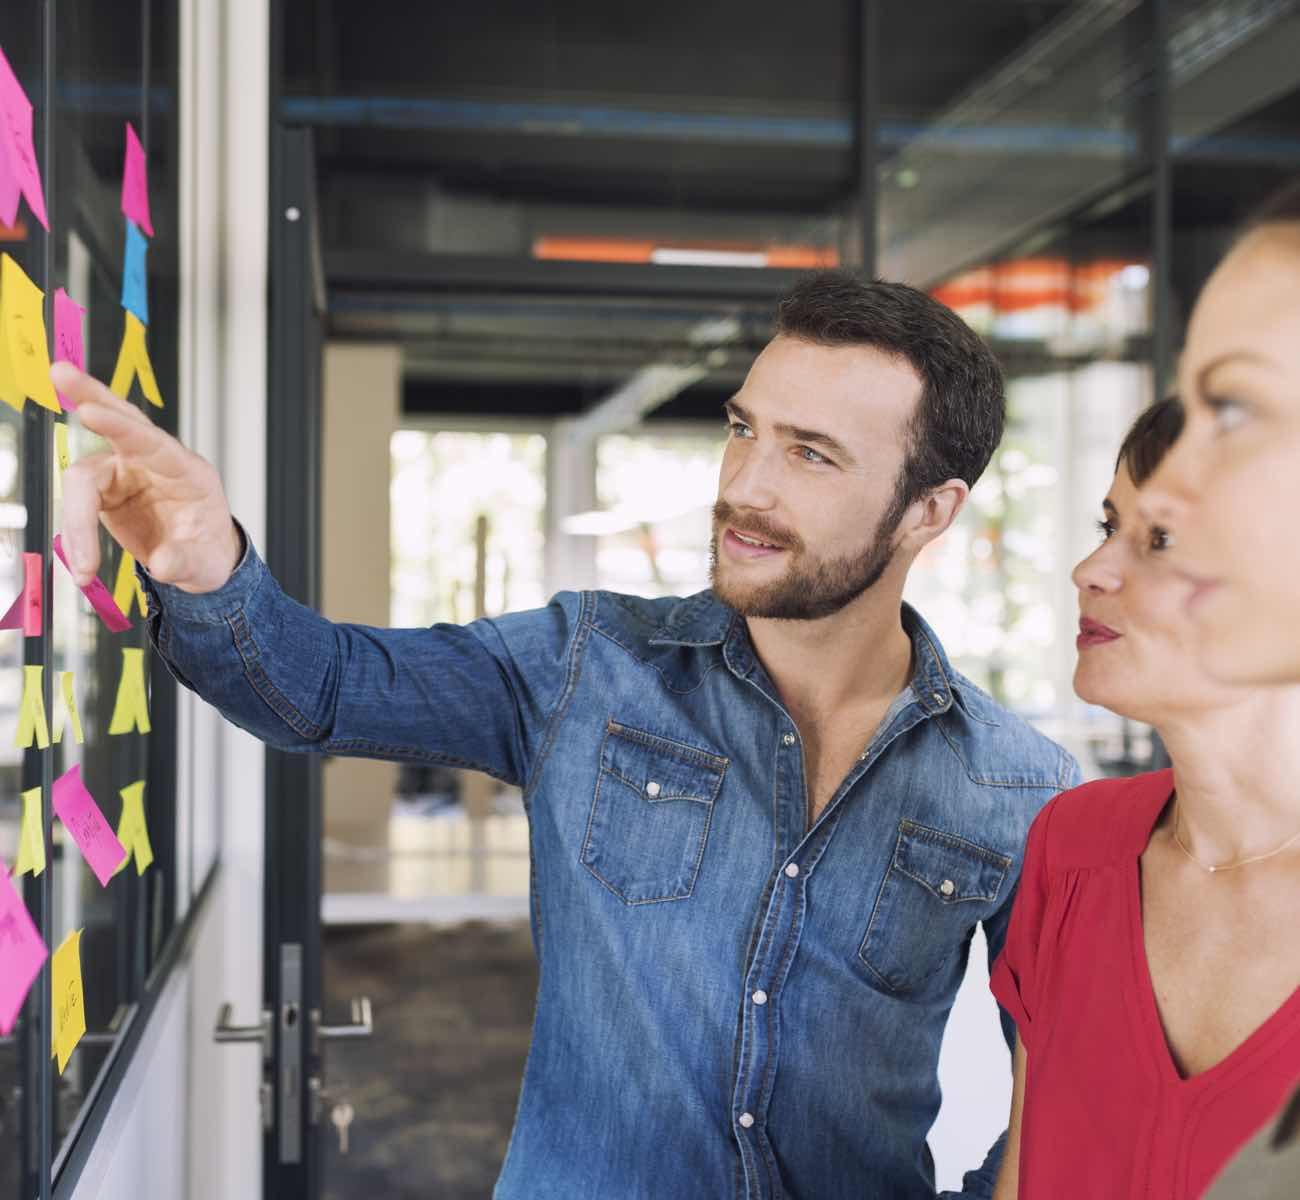 Personen die während eines Workshops etwas an einer Pinnwand besprechen